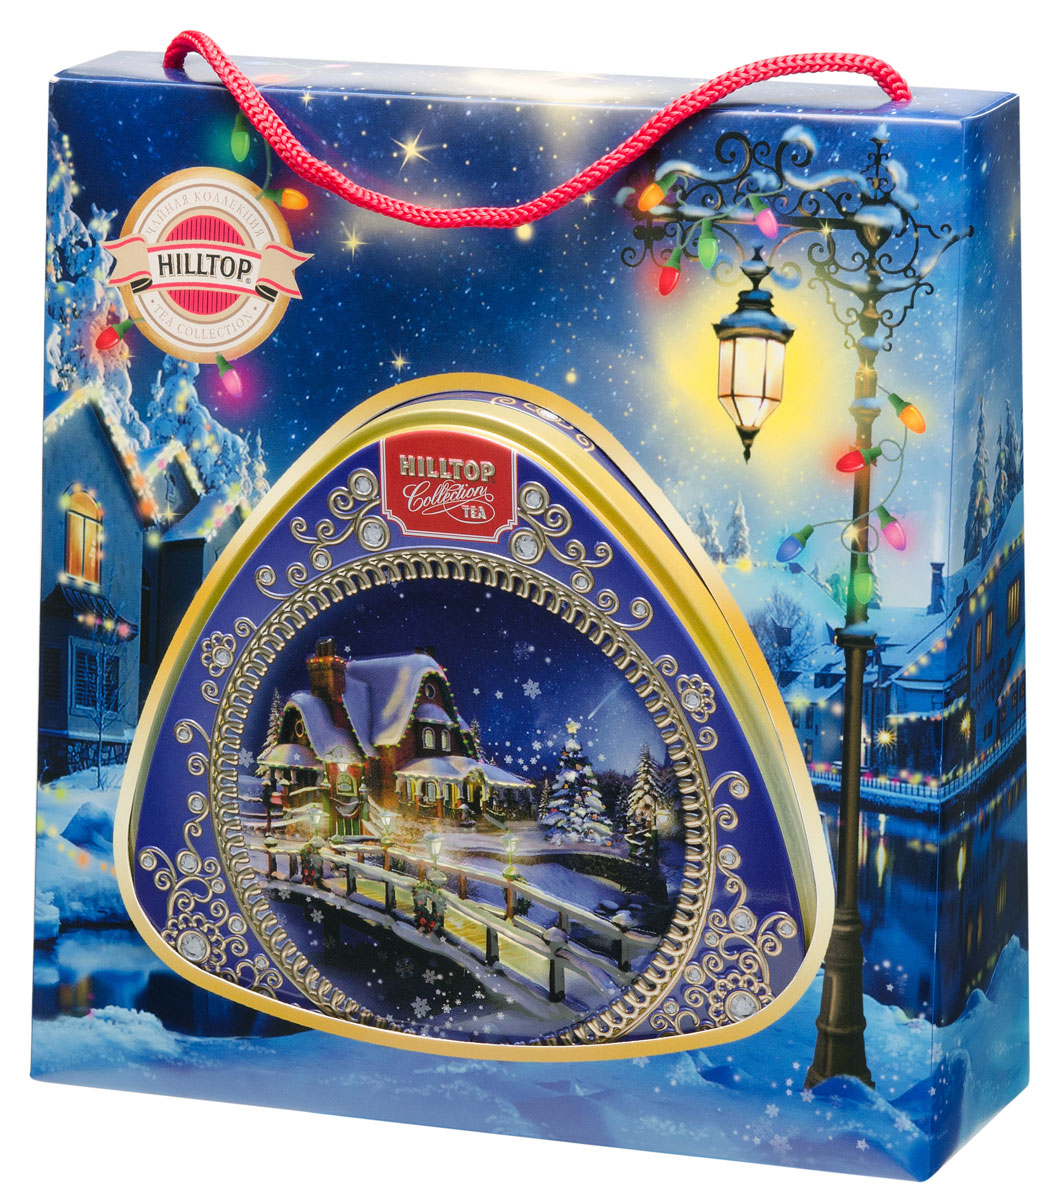 Hilltop Зимняя фантазия чайный набор70529-00Крупнолистовой цейлонский черный чай Hilltop Зимняя фантазия в подарочной упаковке - прекрасный способ порадовать себя и своих близких в новогодние и рождественские праздники. Чай сароматом чабреца взбодрит и придаст сил на весь день. Красивая подарочная упаковка будет приятным дополнением незабываемому вкусу!